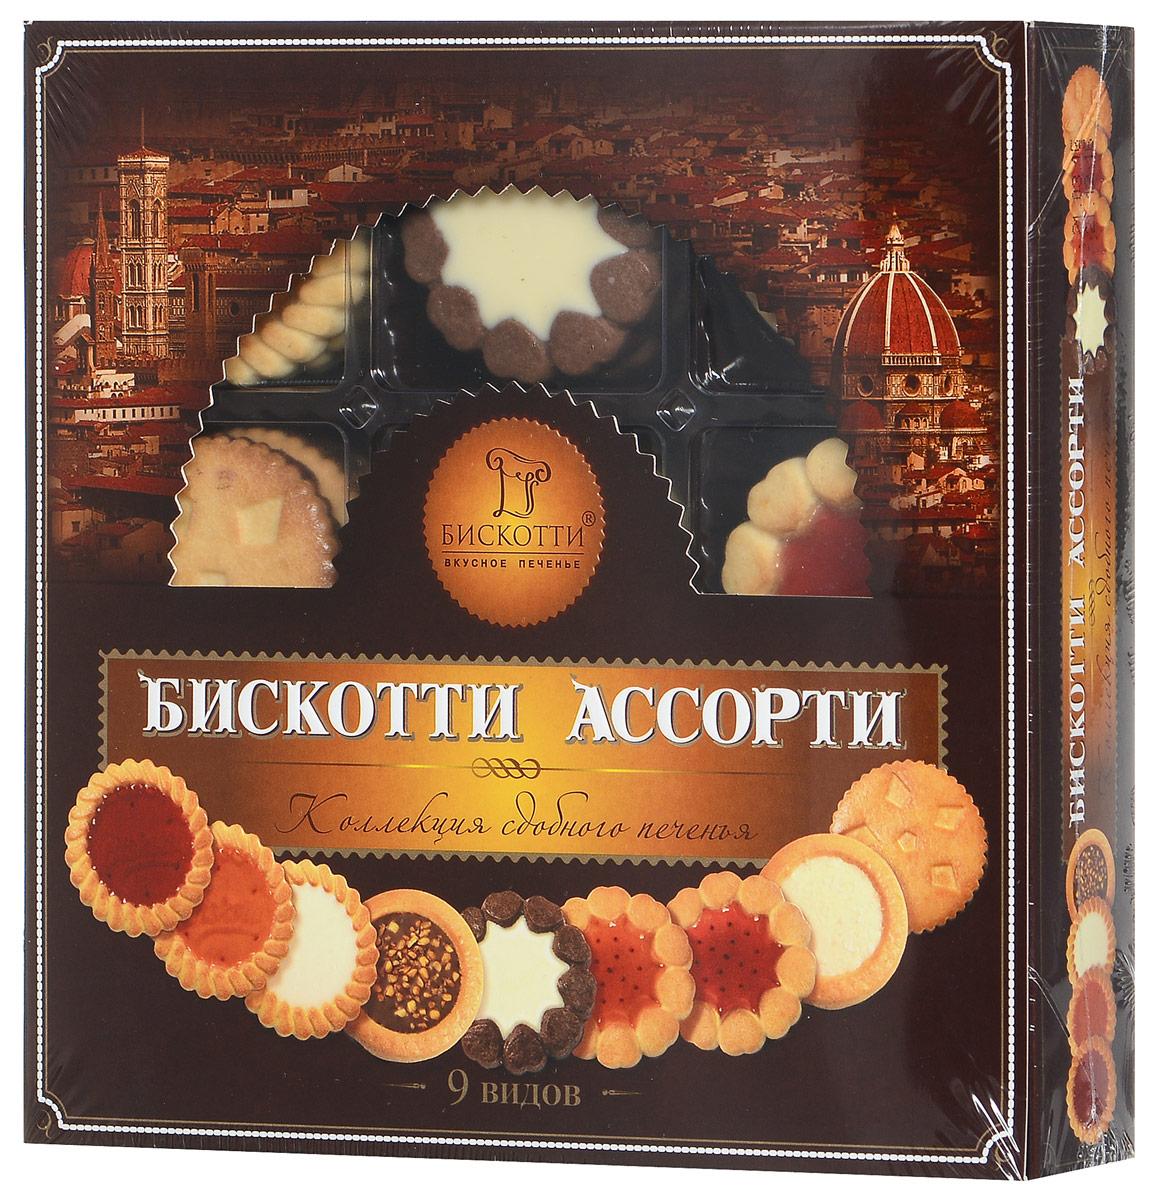 Бискотти Ассорти печенье сдобное, 345 г (9 видов) sweeterella набор сдобного печенья ассорти 710 г